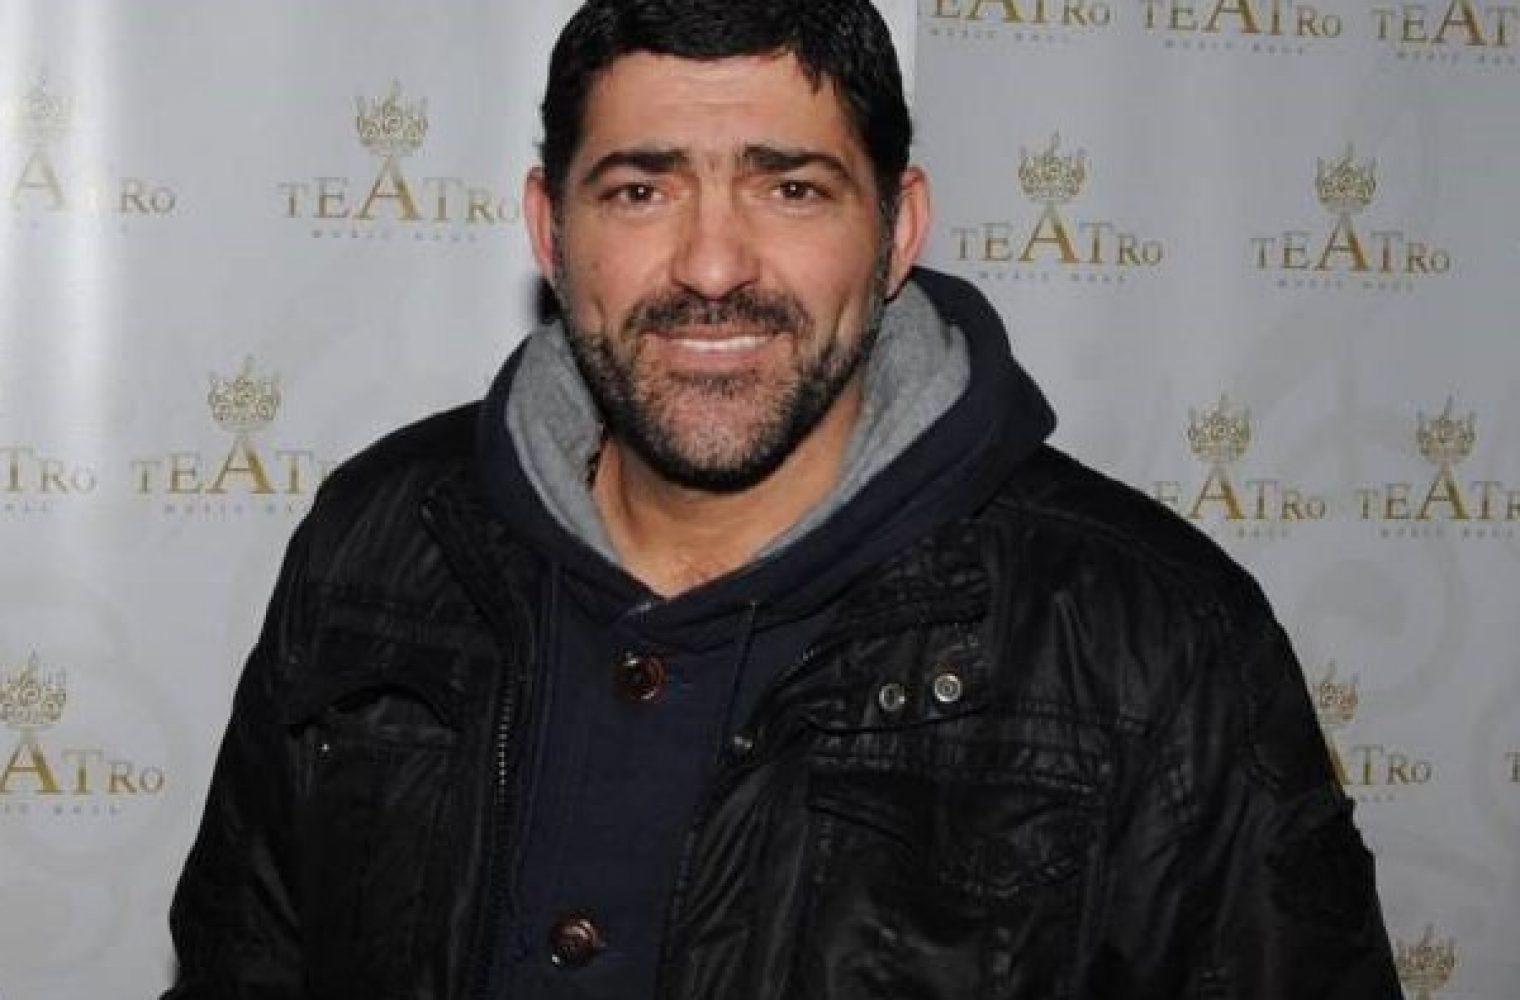 Ο Μιχάλης Ιατρόπουλος μιλάει για το πρόσφατο ατύχημά του – «Ζω από θαύμα»